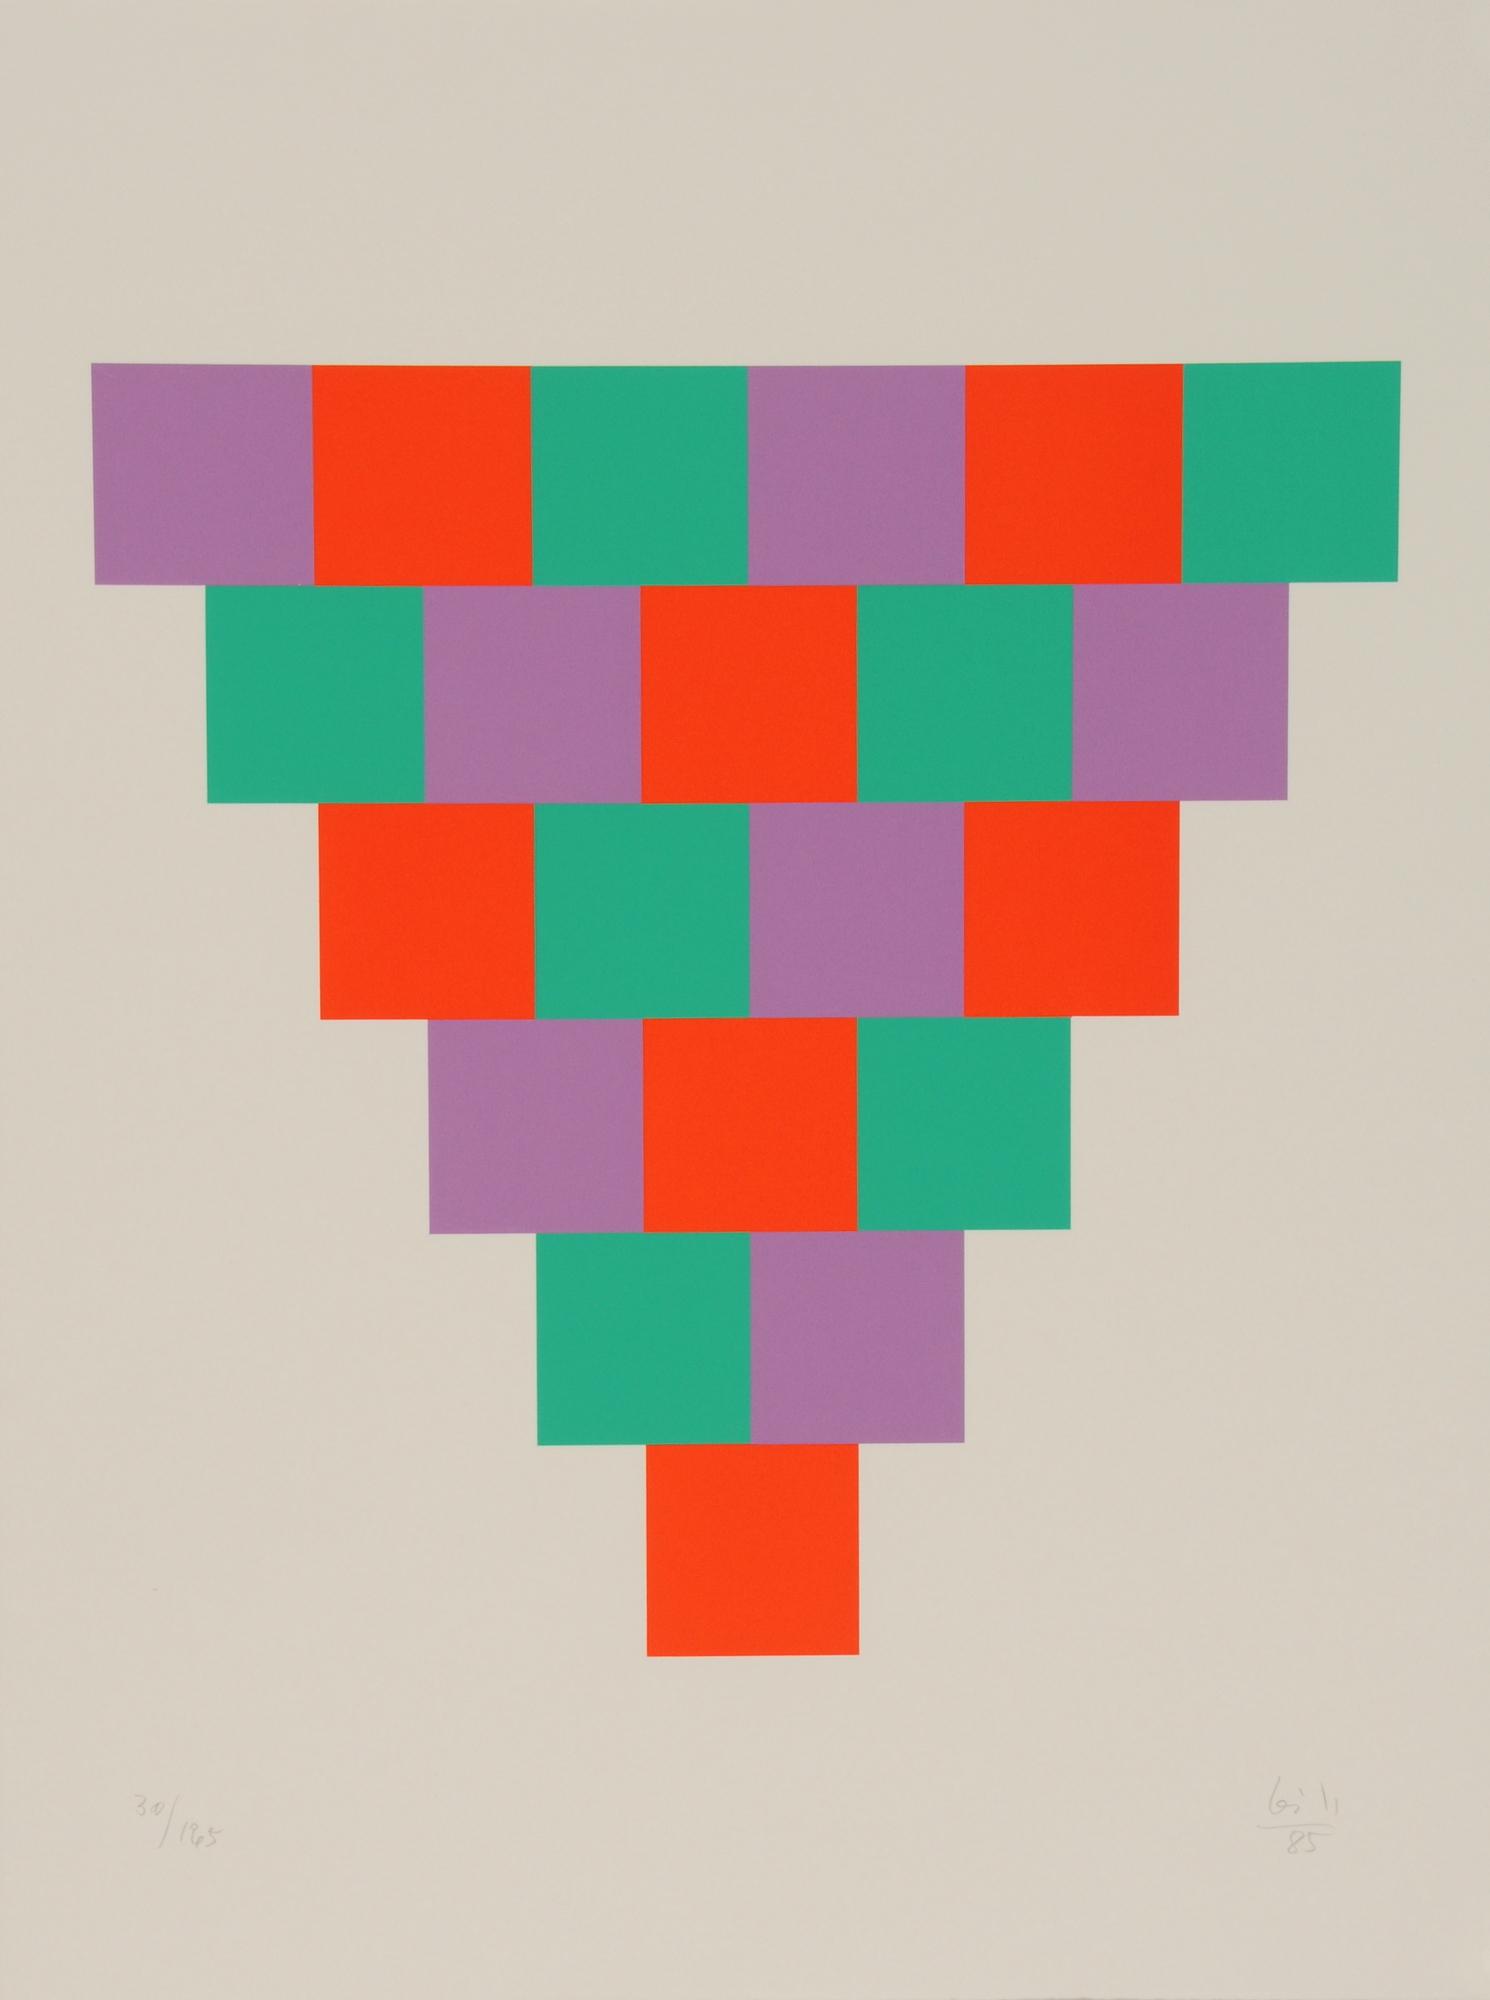 Bill Max, 1 bis 6 in drei farben